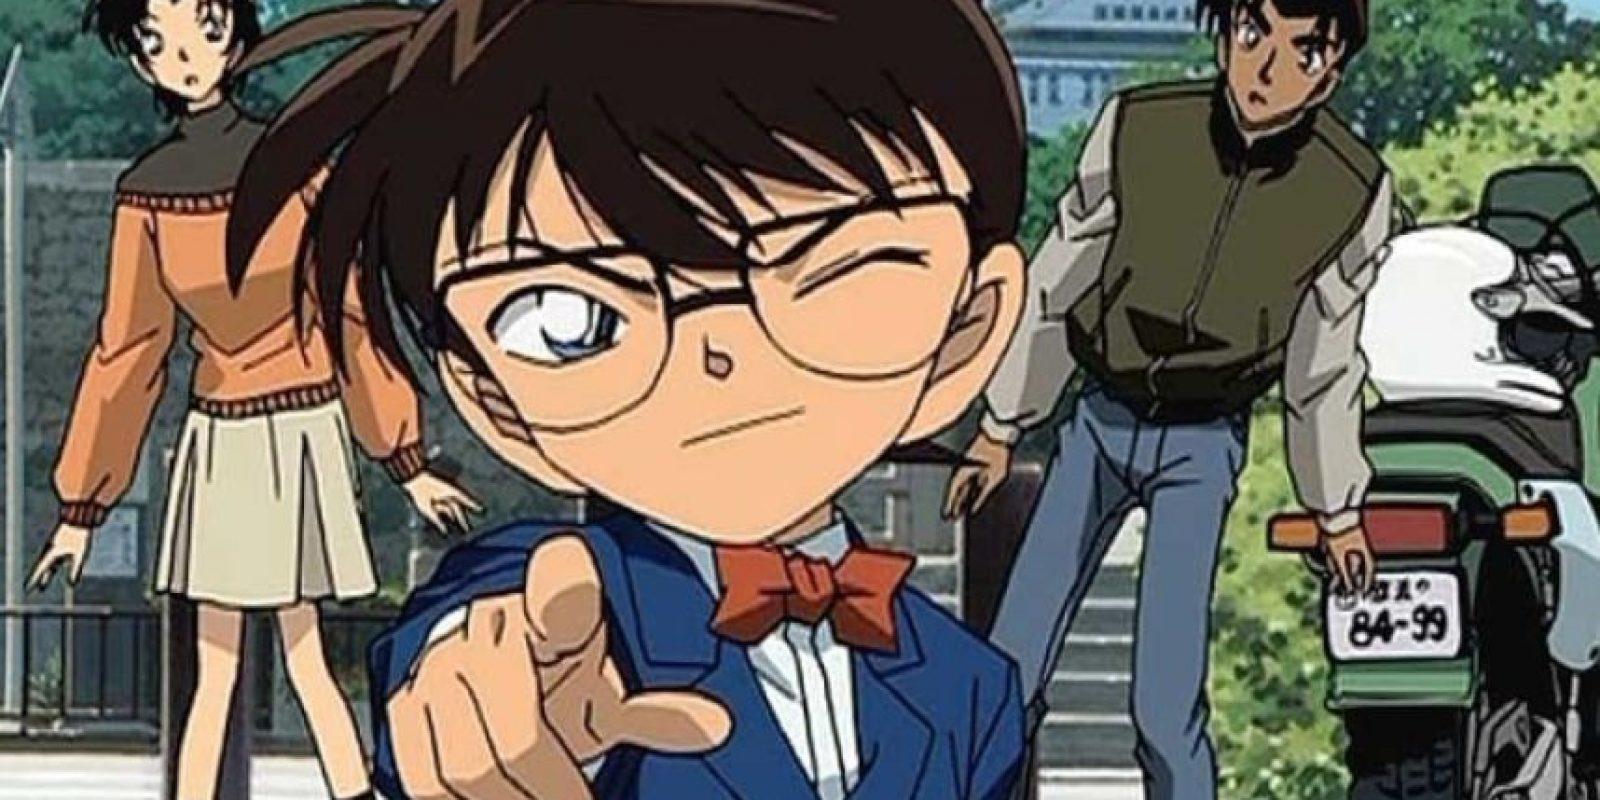 La historia todavía no termina (así que no tendrán el placer de ver a Shinichi/Conan) como adulto otra vez. Fue creada por Gosho Aoyama y comenzó en 1994. Foto:vía Tokyo Movie Shinsha